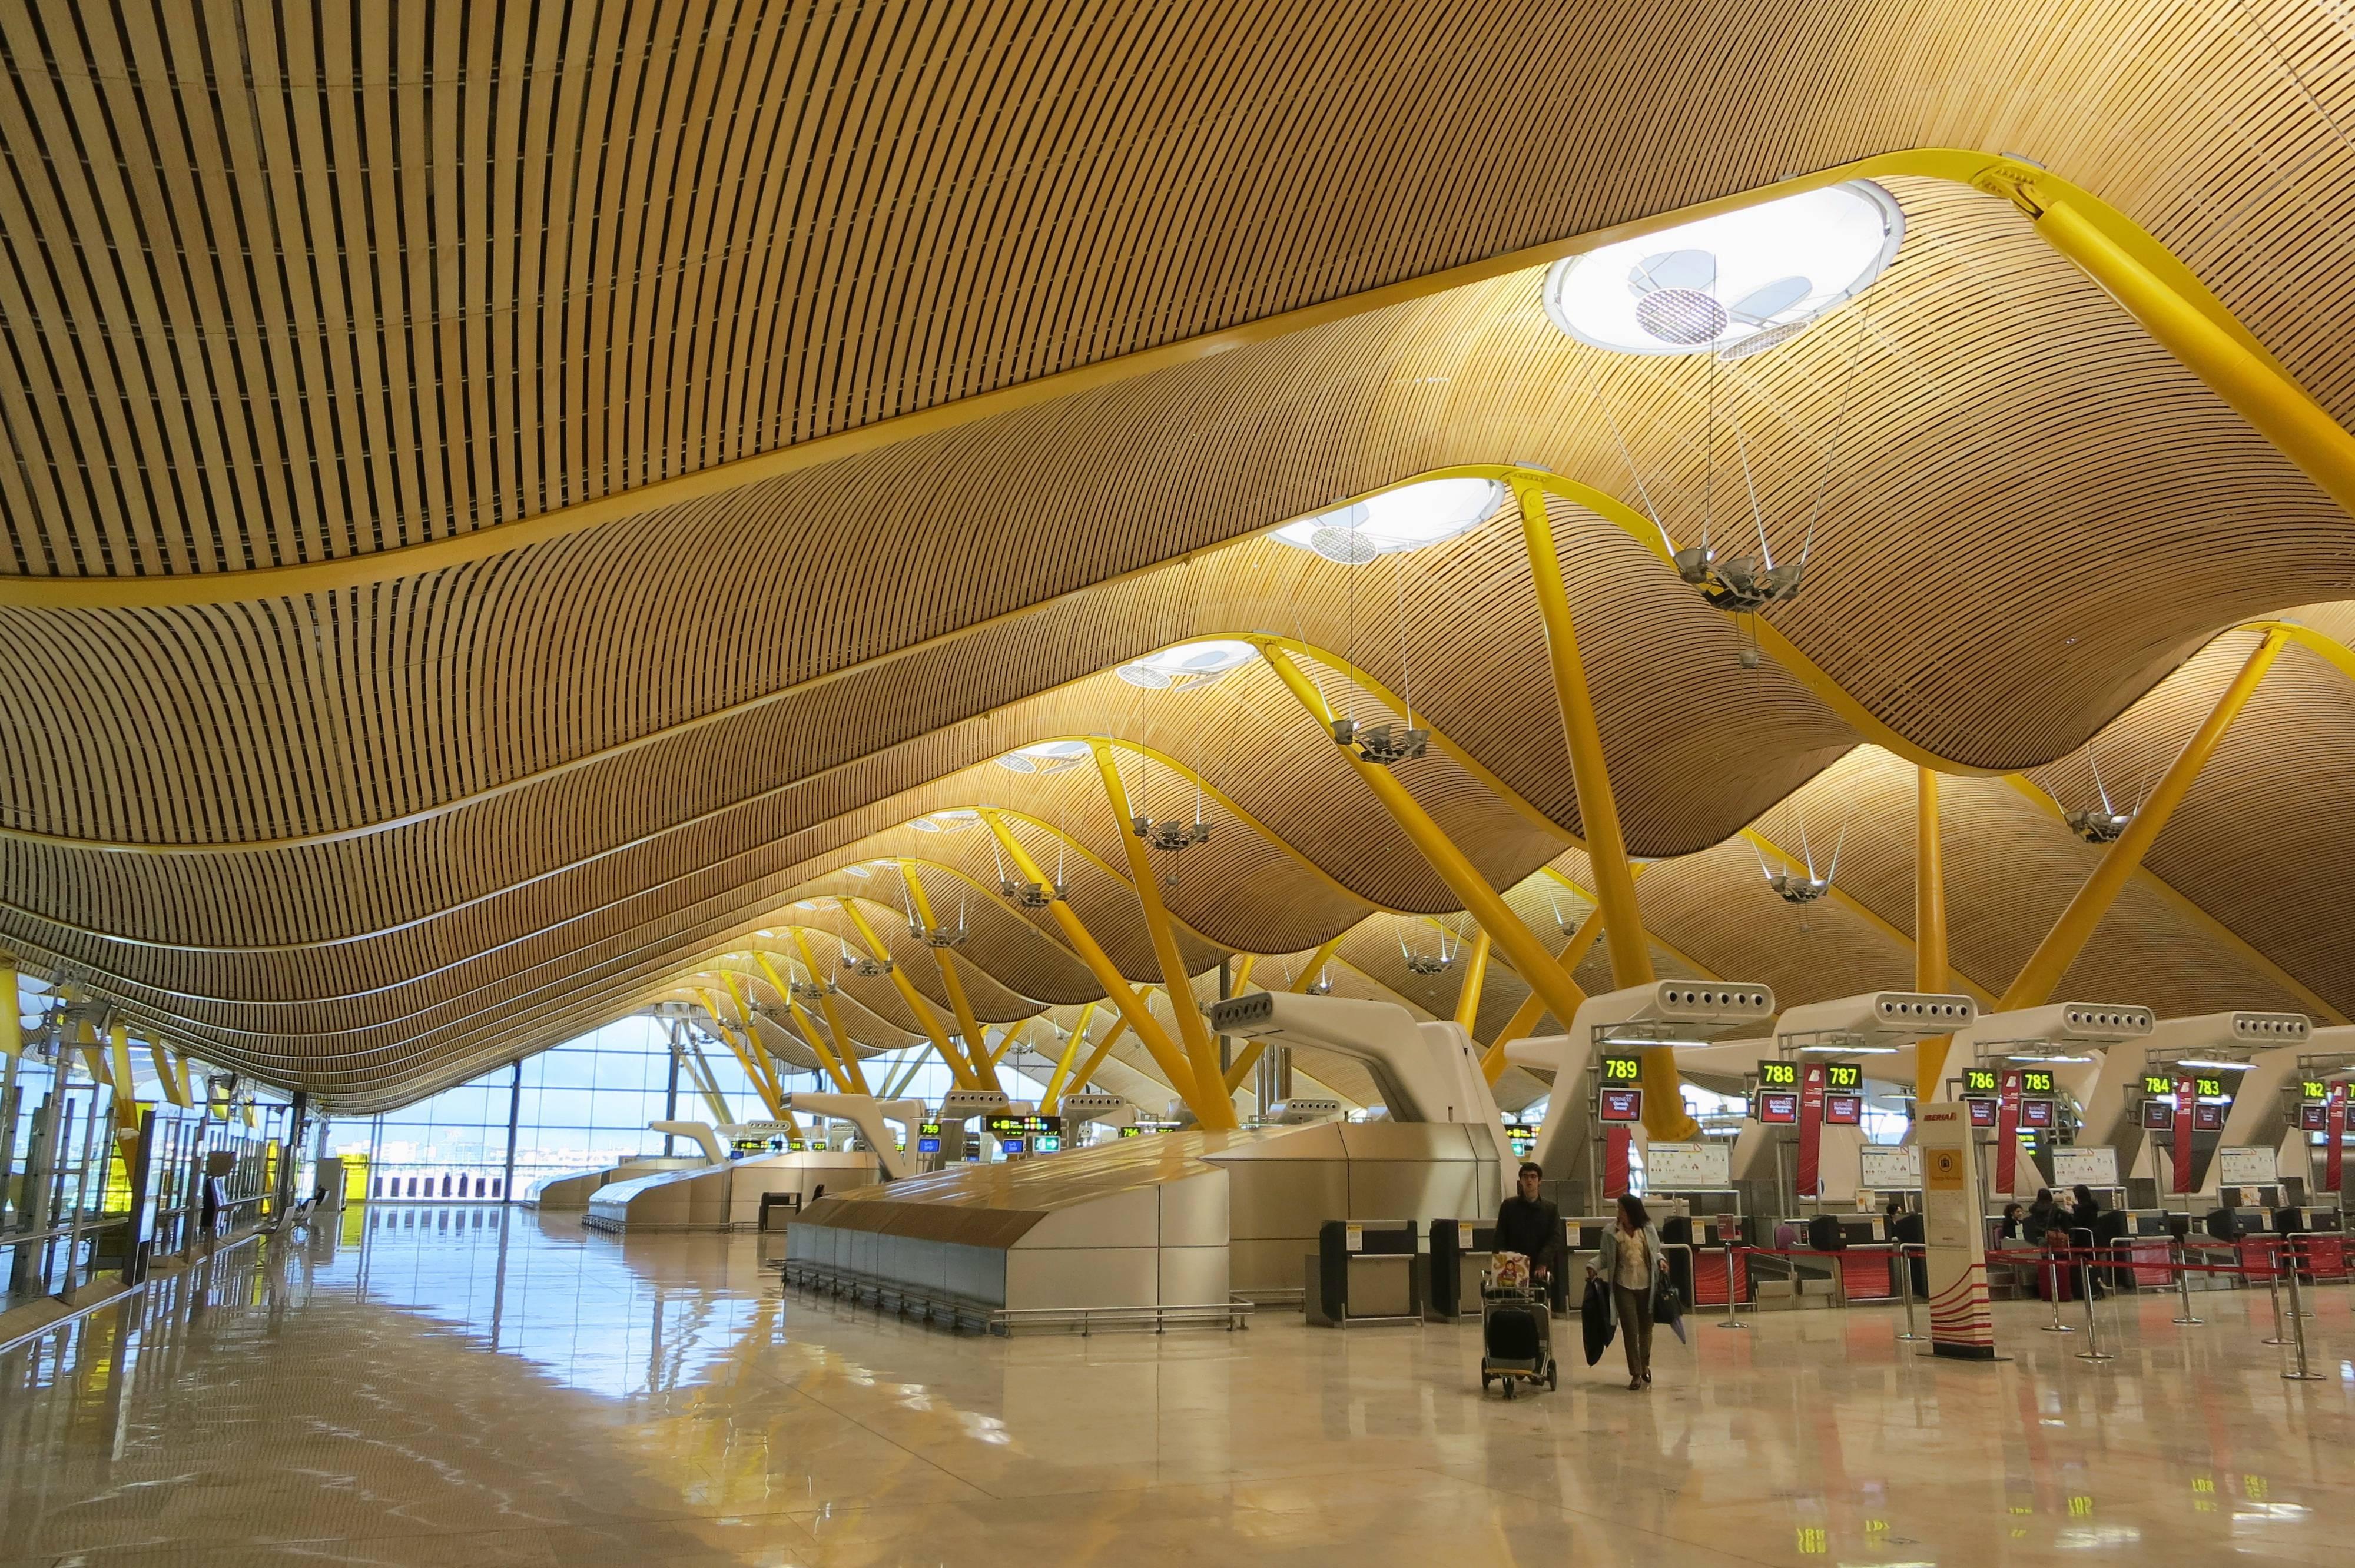 Международный аэропорт мадрид барахас: схема терминалов, табло прилета и вылета, гостиницы и аренда авто.